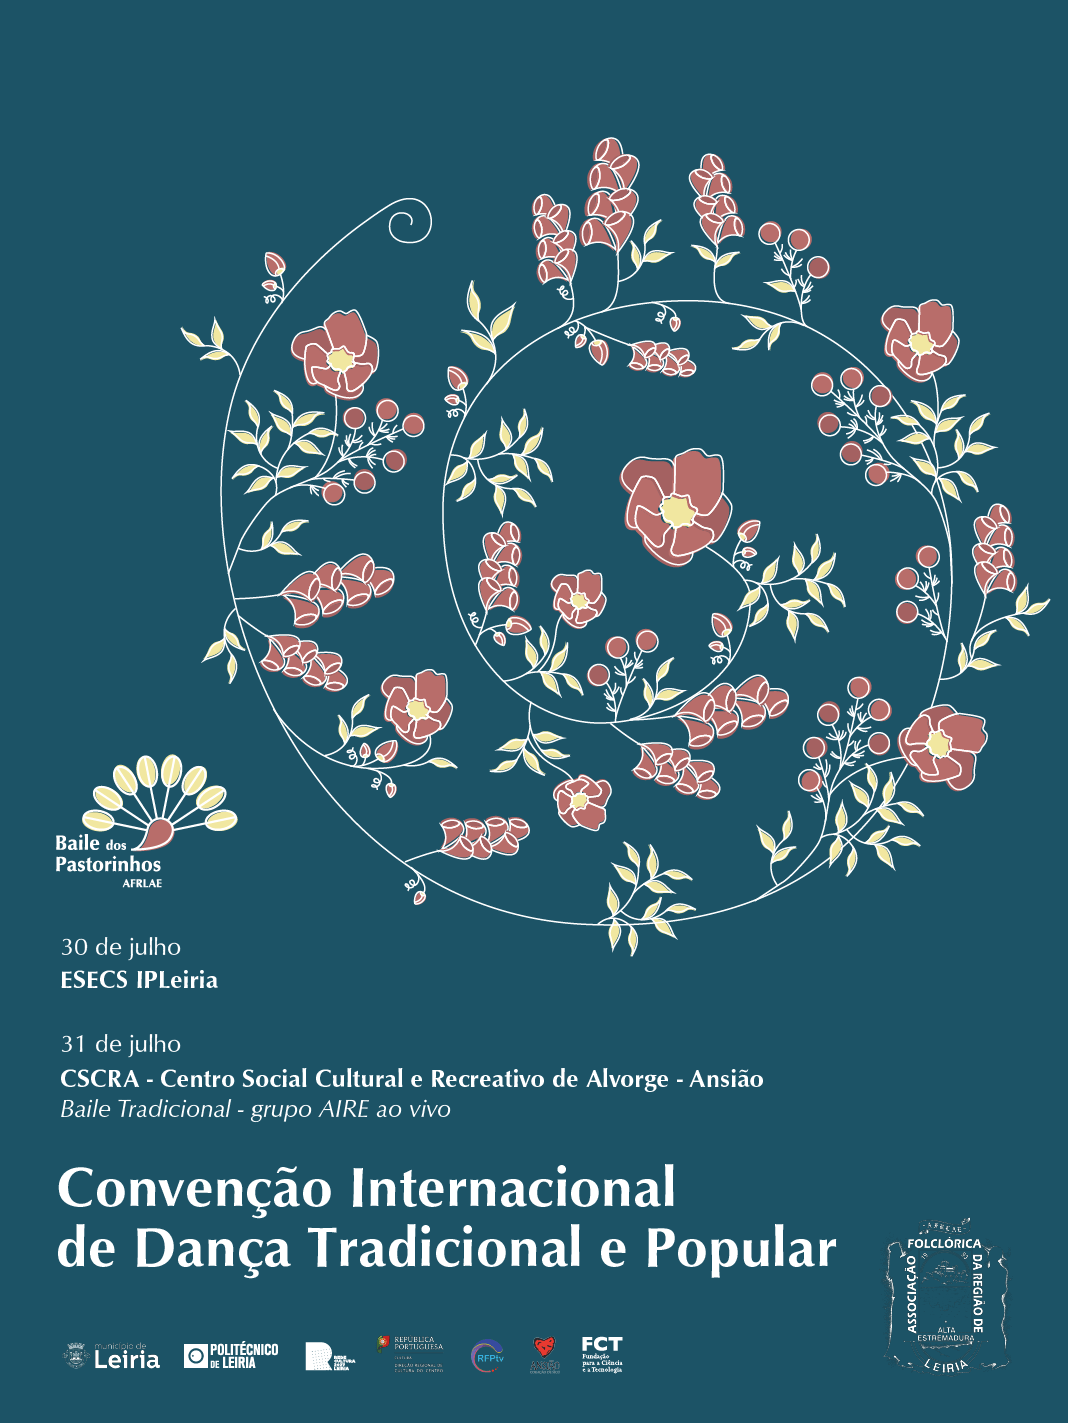 Convenção Internacional de Dança Tradicional e Popular - 30 e 31 de julho de 2021